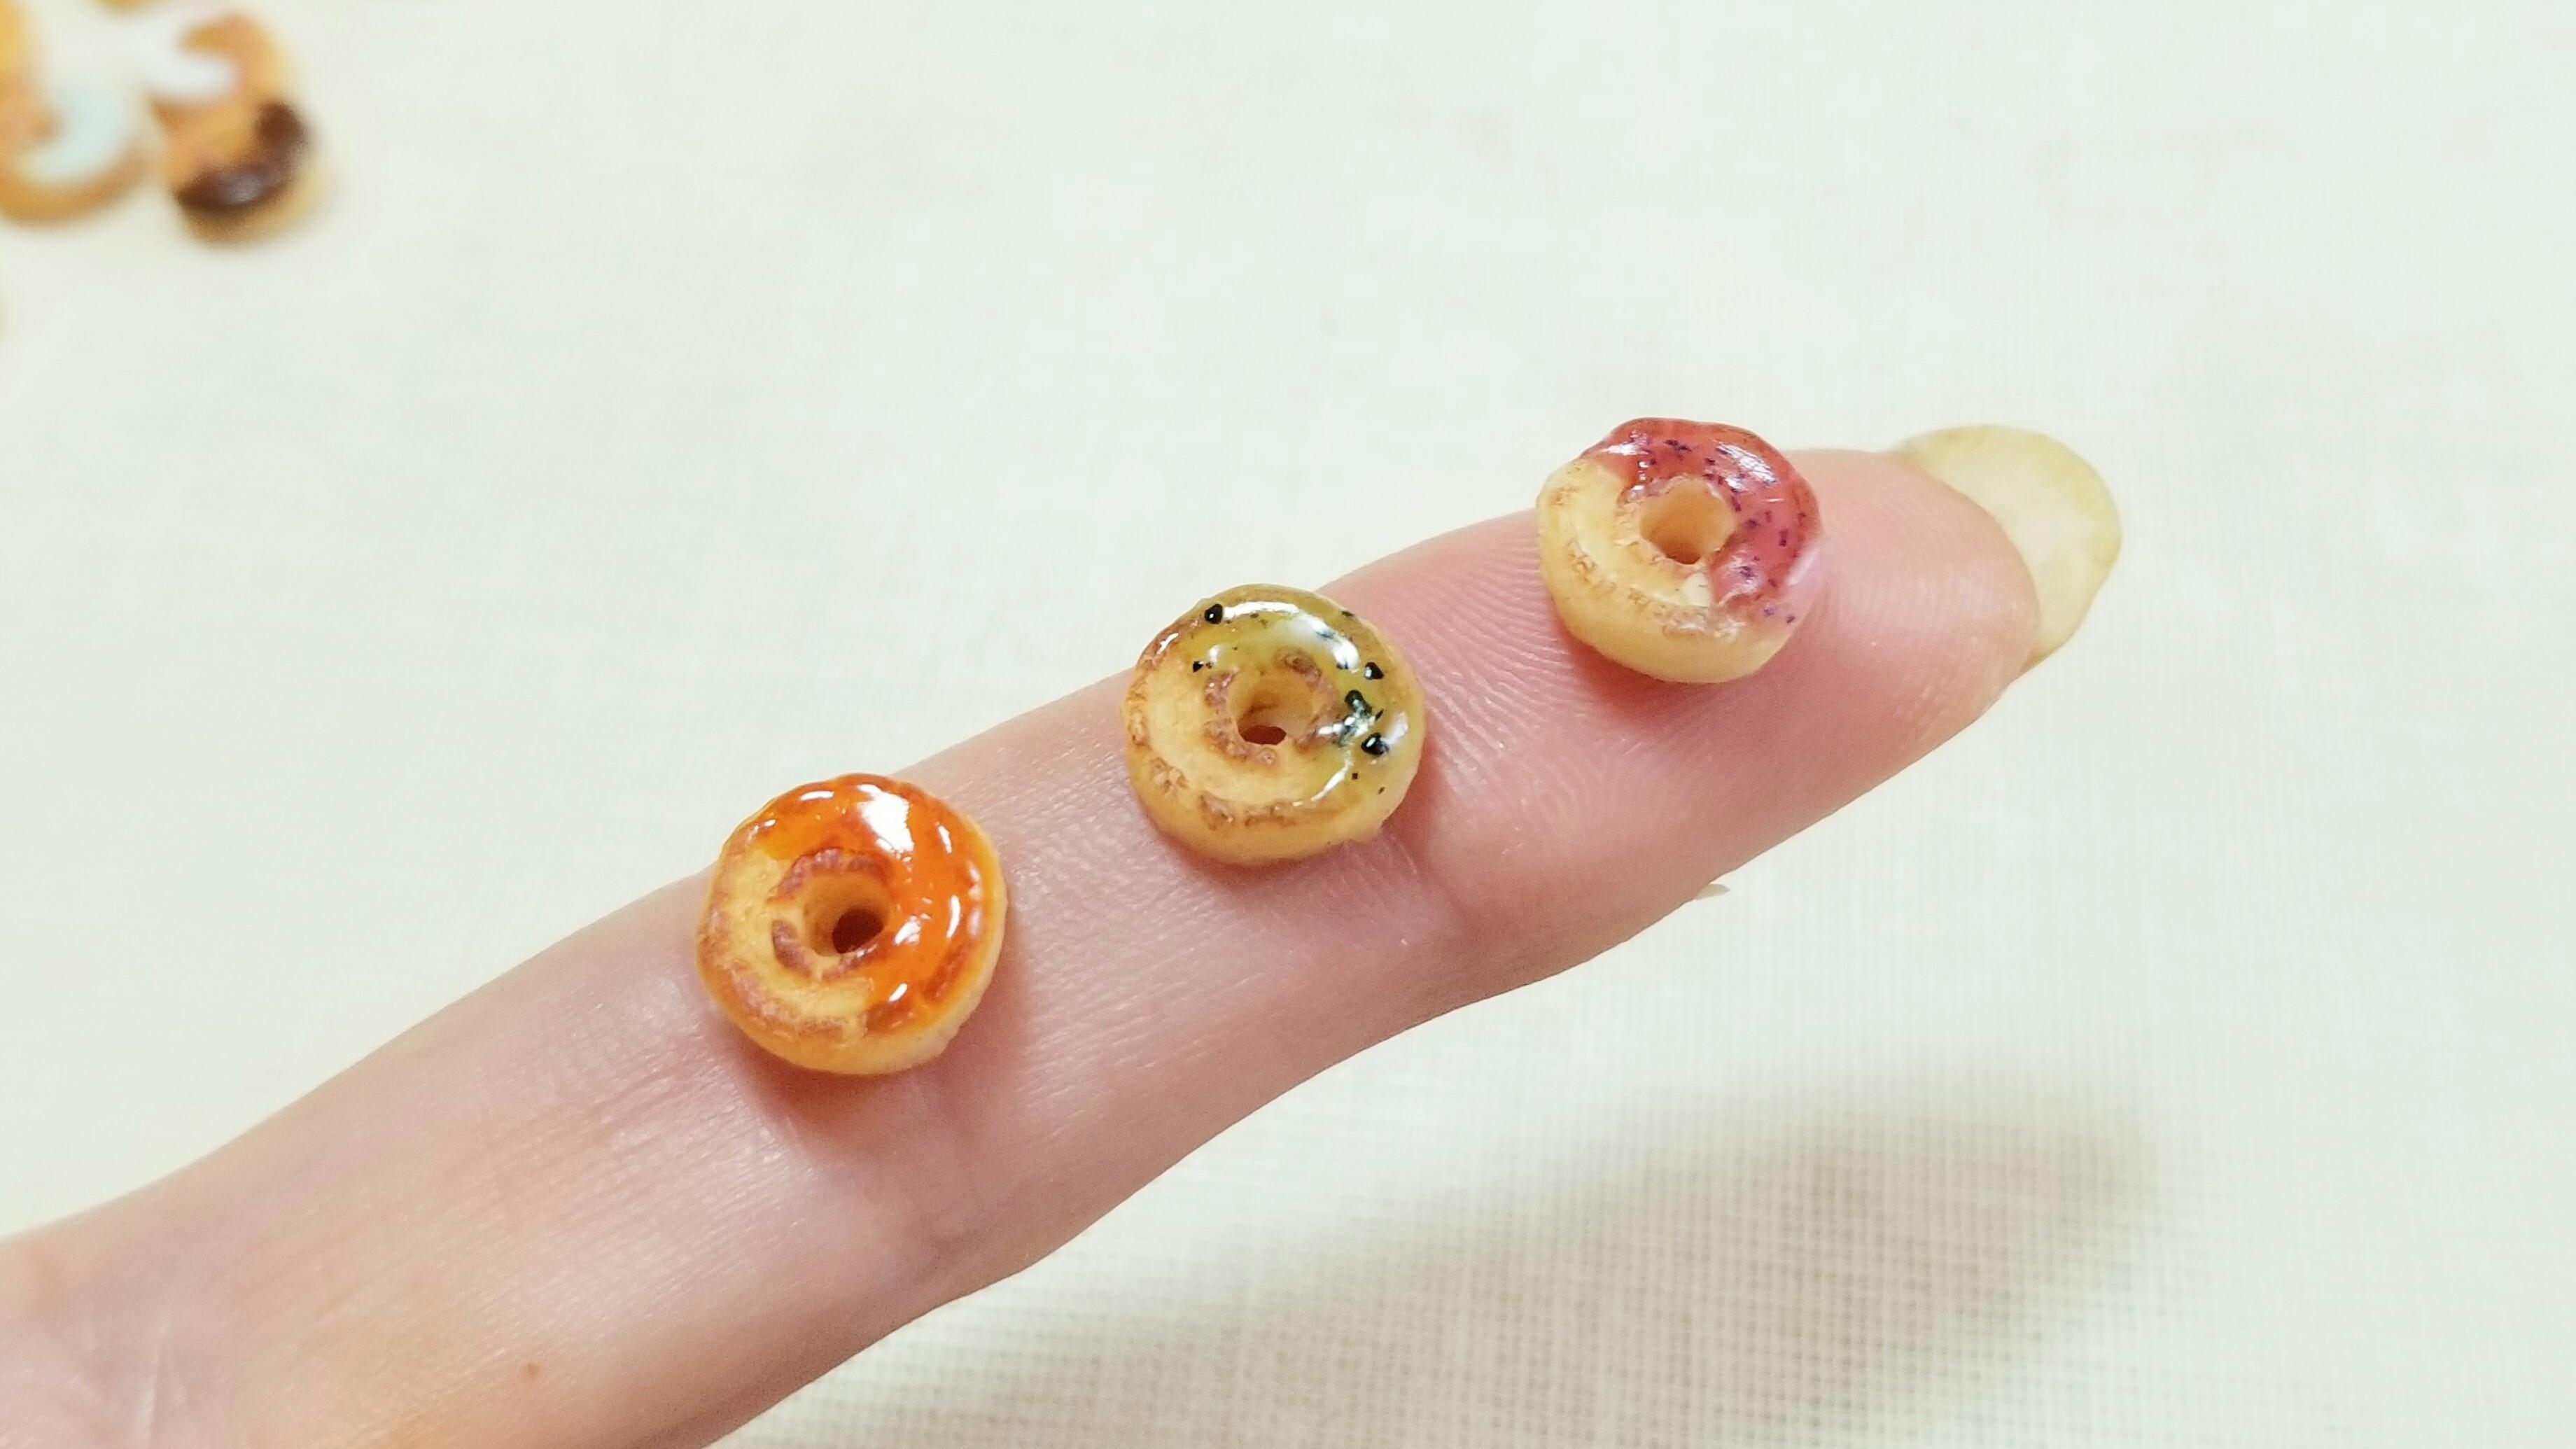 美味しそうな写真画像お菓子ドーナツスイーツテロおすすめ人気商品